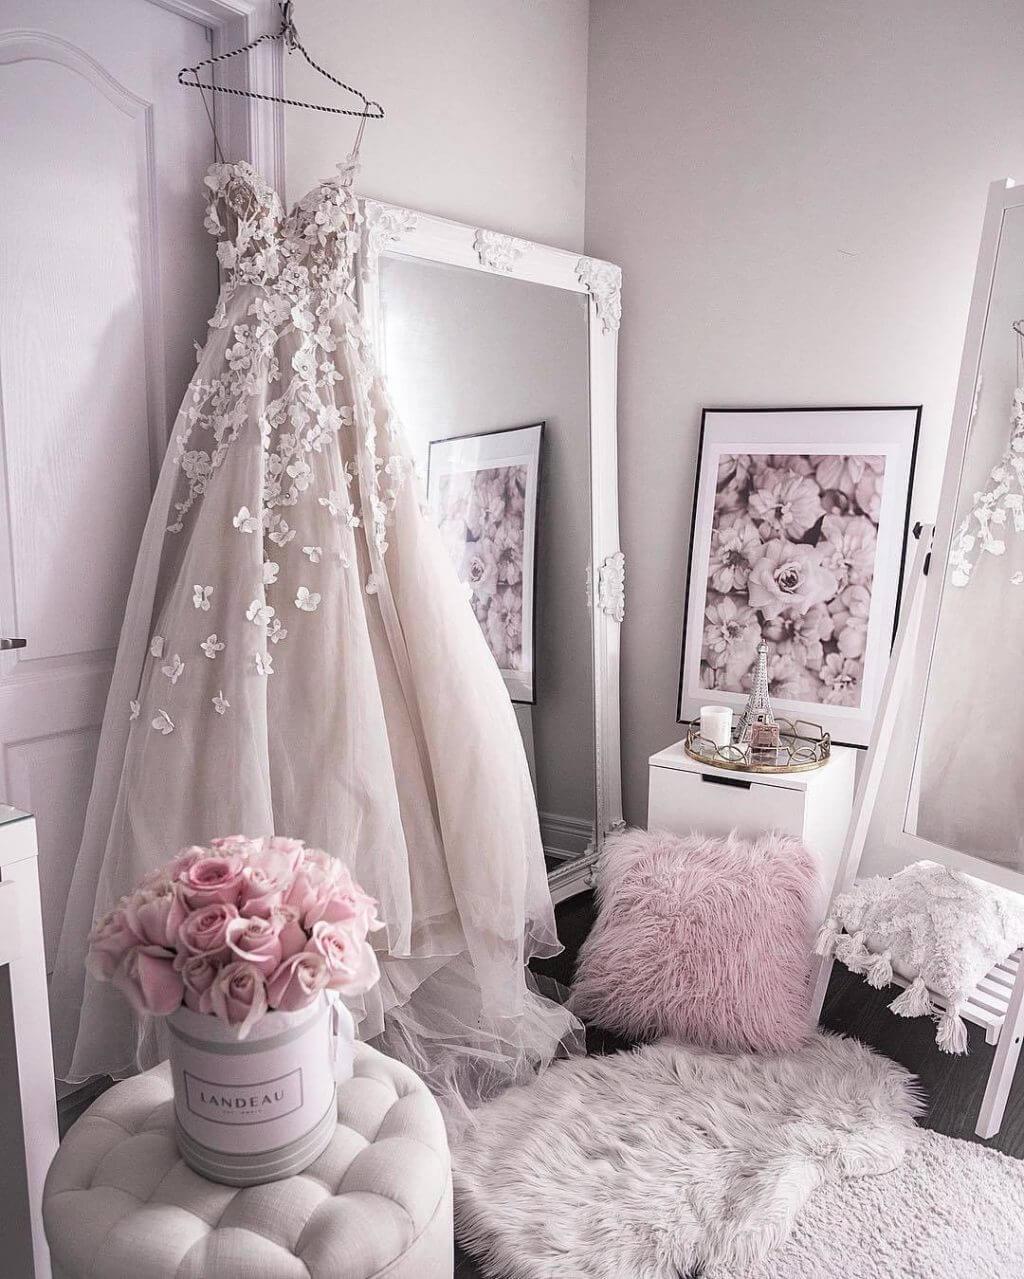 ٥ أشياء عليك تجنبها عند التخطيط لحفل الزفاف